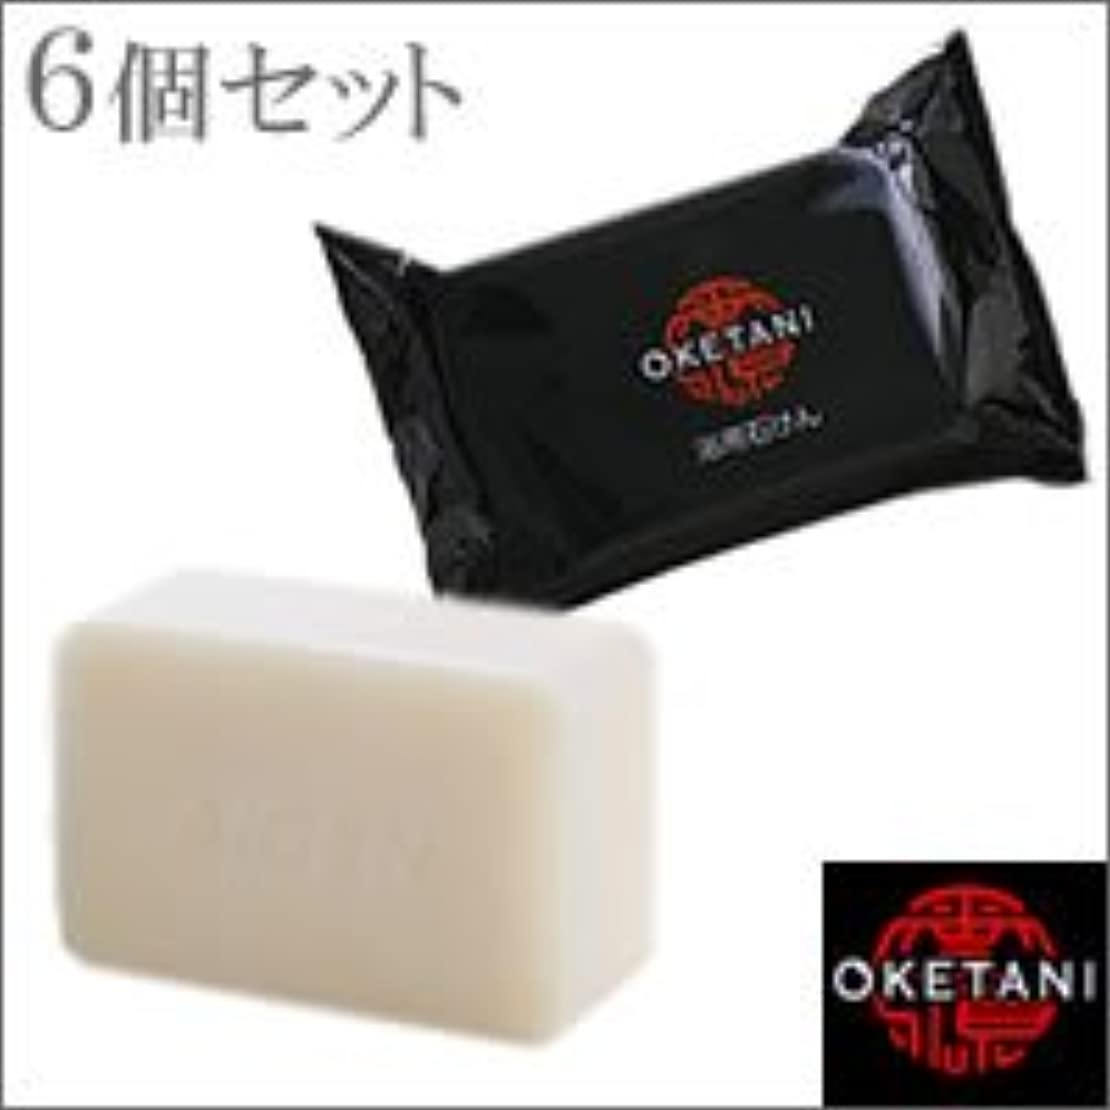 参照ギネスネックレットitem_name:桶谷石鹸 アイゲン 浴用石けん 120g×6個